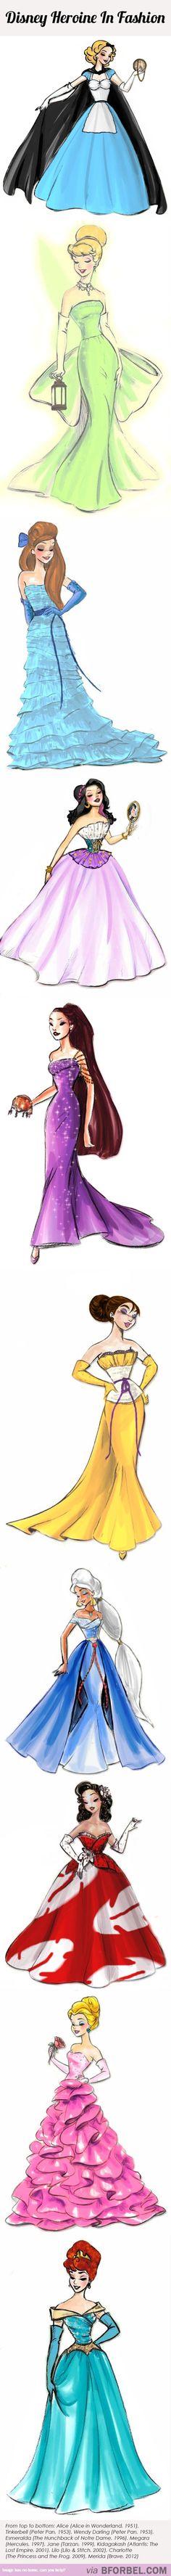 Disney Princess│Disney Princesas - #Disney - #Princesas - #Princess